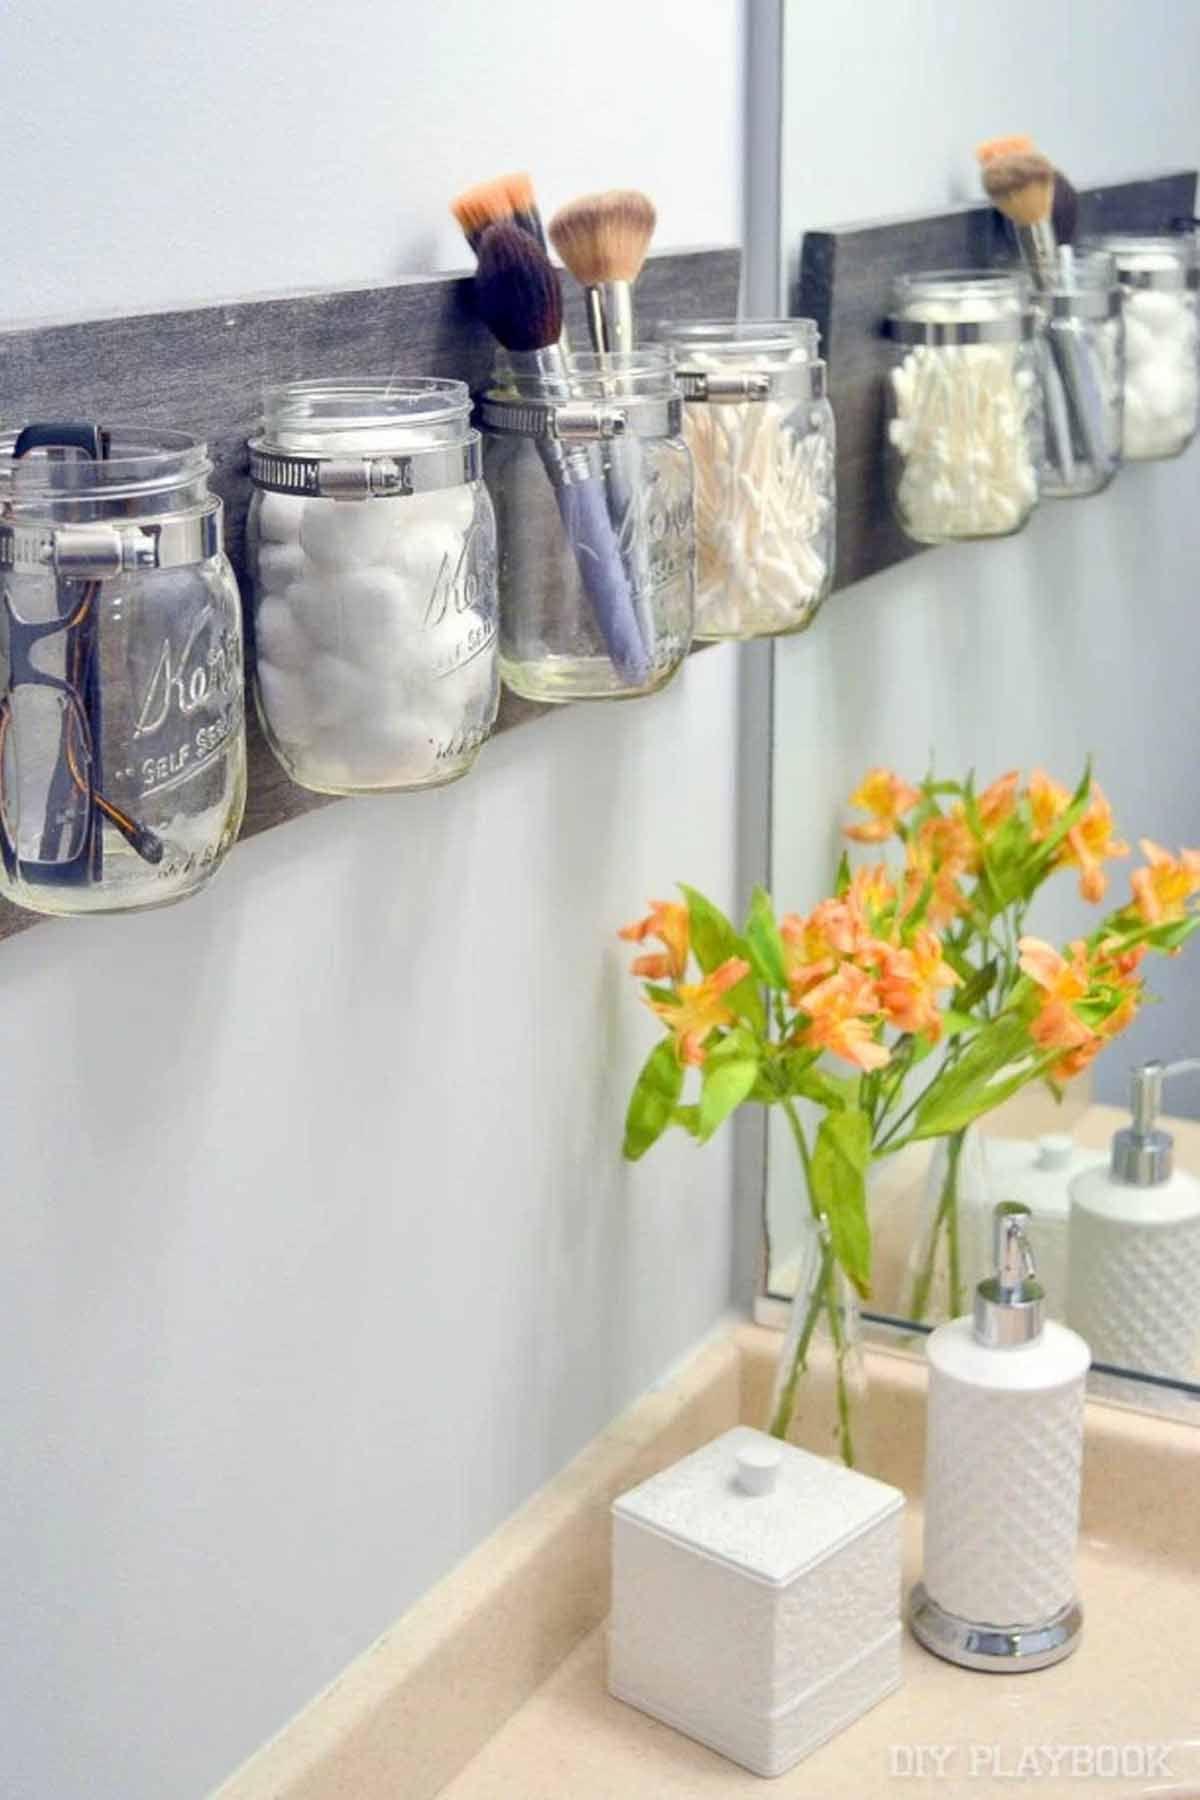 25 Best Bathroom Organization Ideas Diy Bathroom Storage Organizers